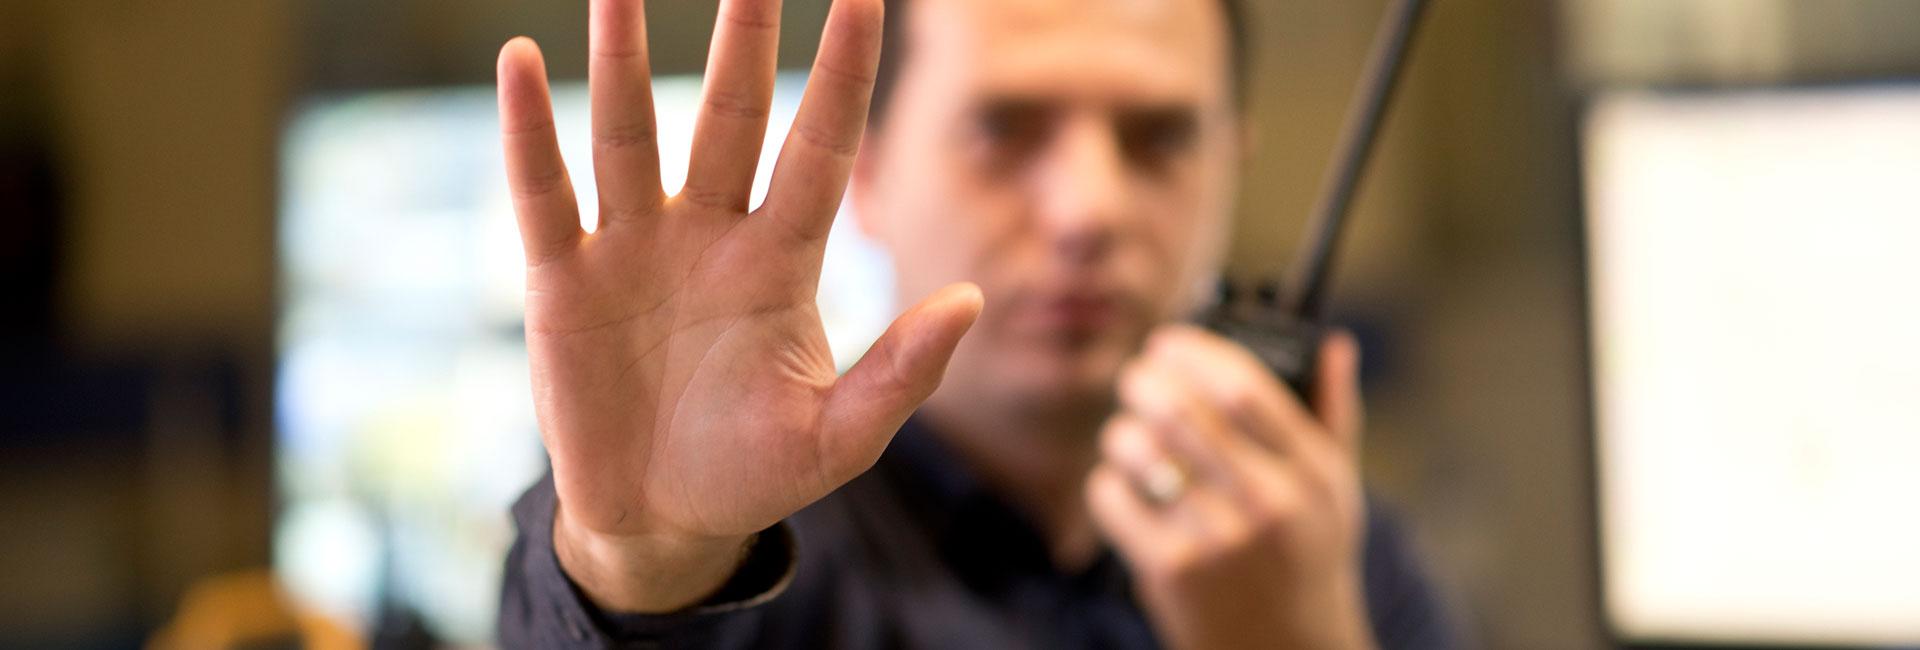 Miten varautua väkivaltaan työssä? Maksuton seminaari 25.10.